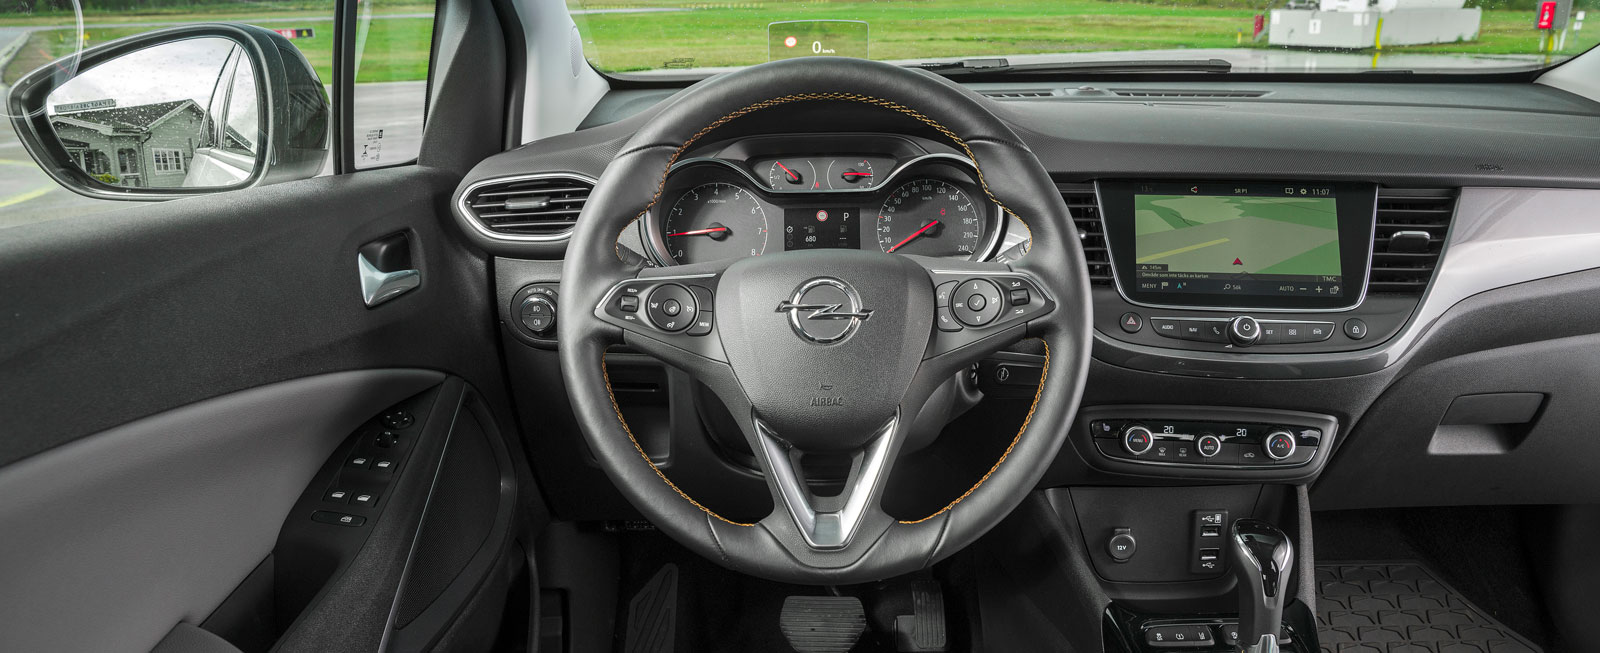 """Testets bästa förarmiljö. Det mesta är redigt, lättanvänt och Opel har inte fallit för frestelsen att """"gömma"""" vitala funktioner i infotainmentsystemet."""